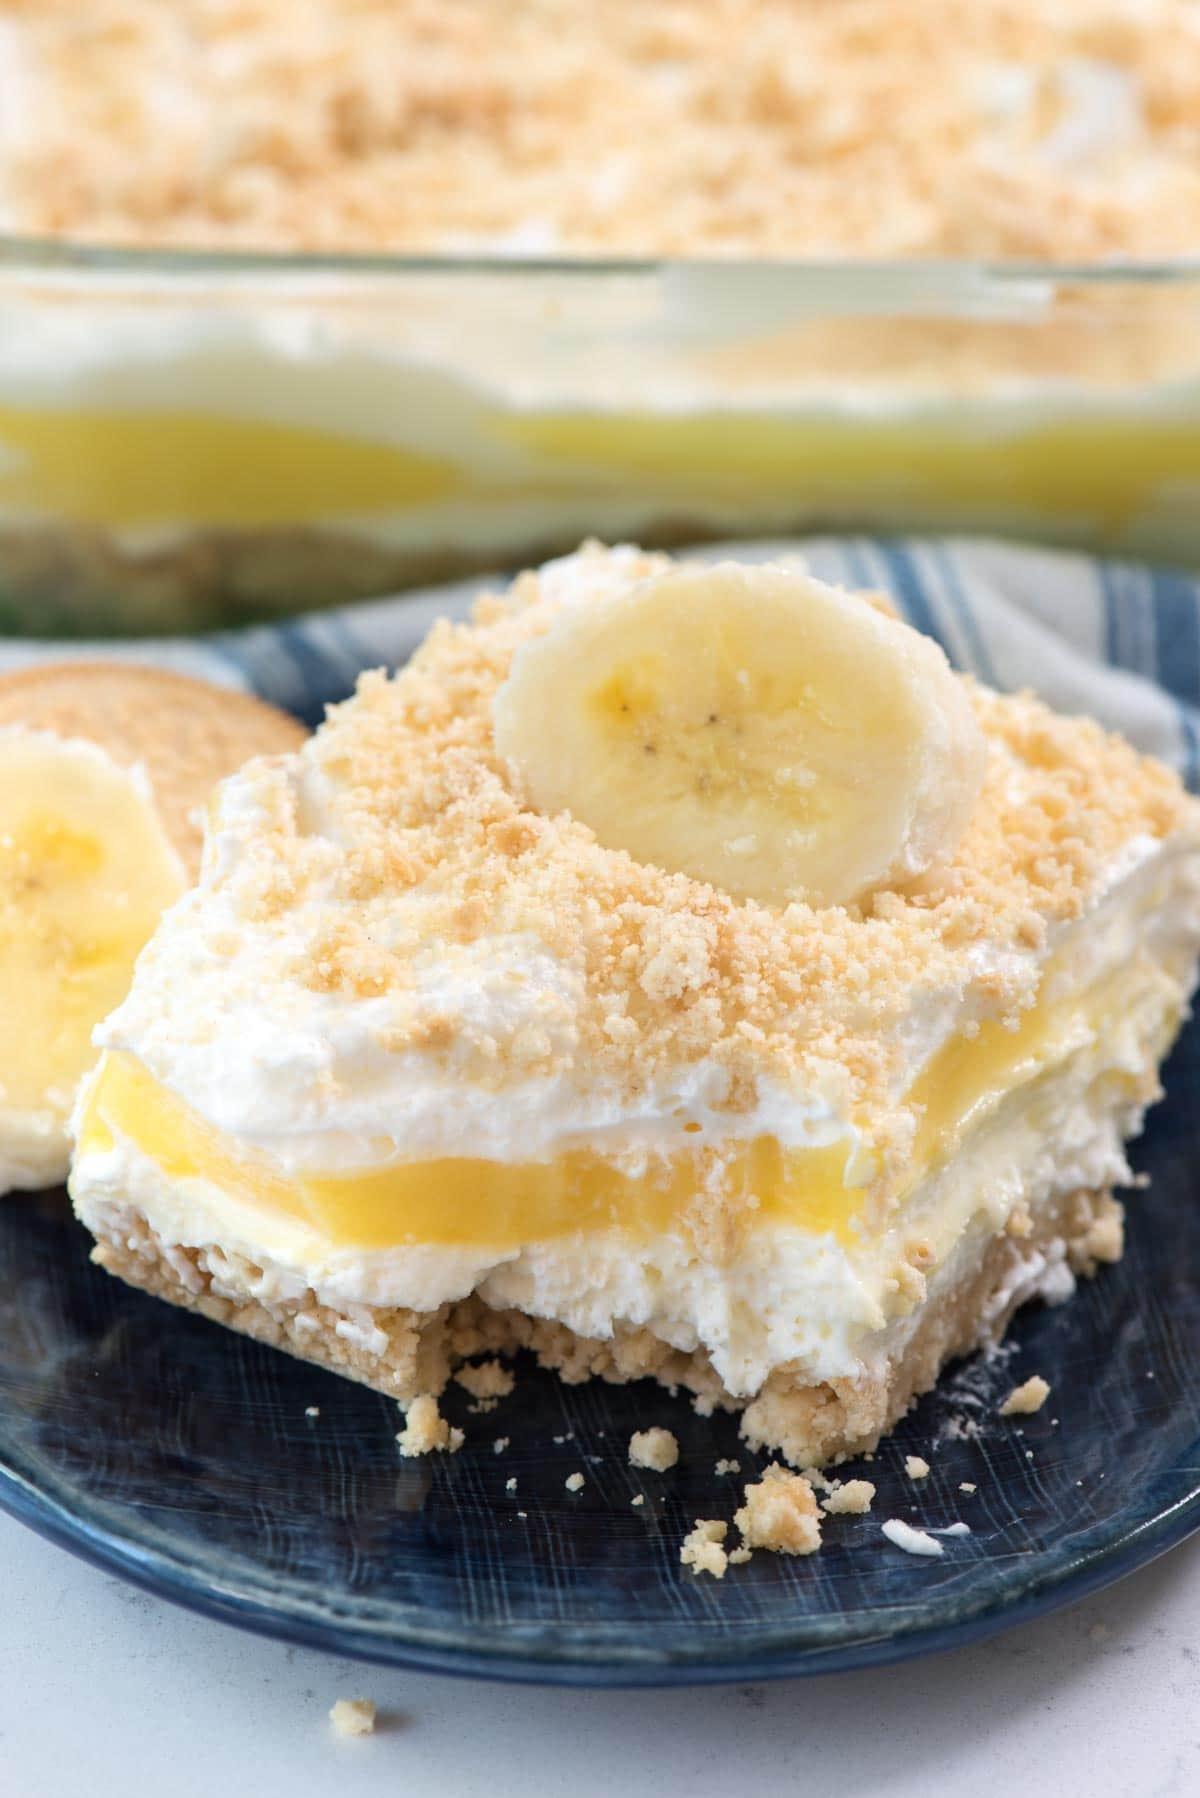 Easy Pudding Desserts  No Bake Banana Pudding Dream Dessert Crazy for Crust